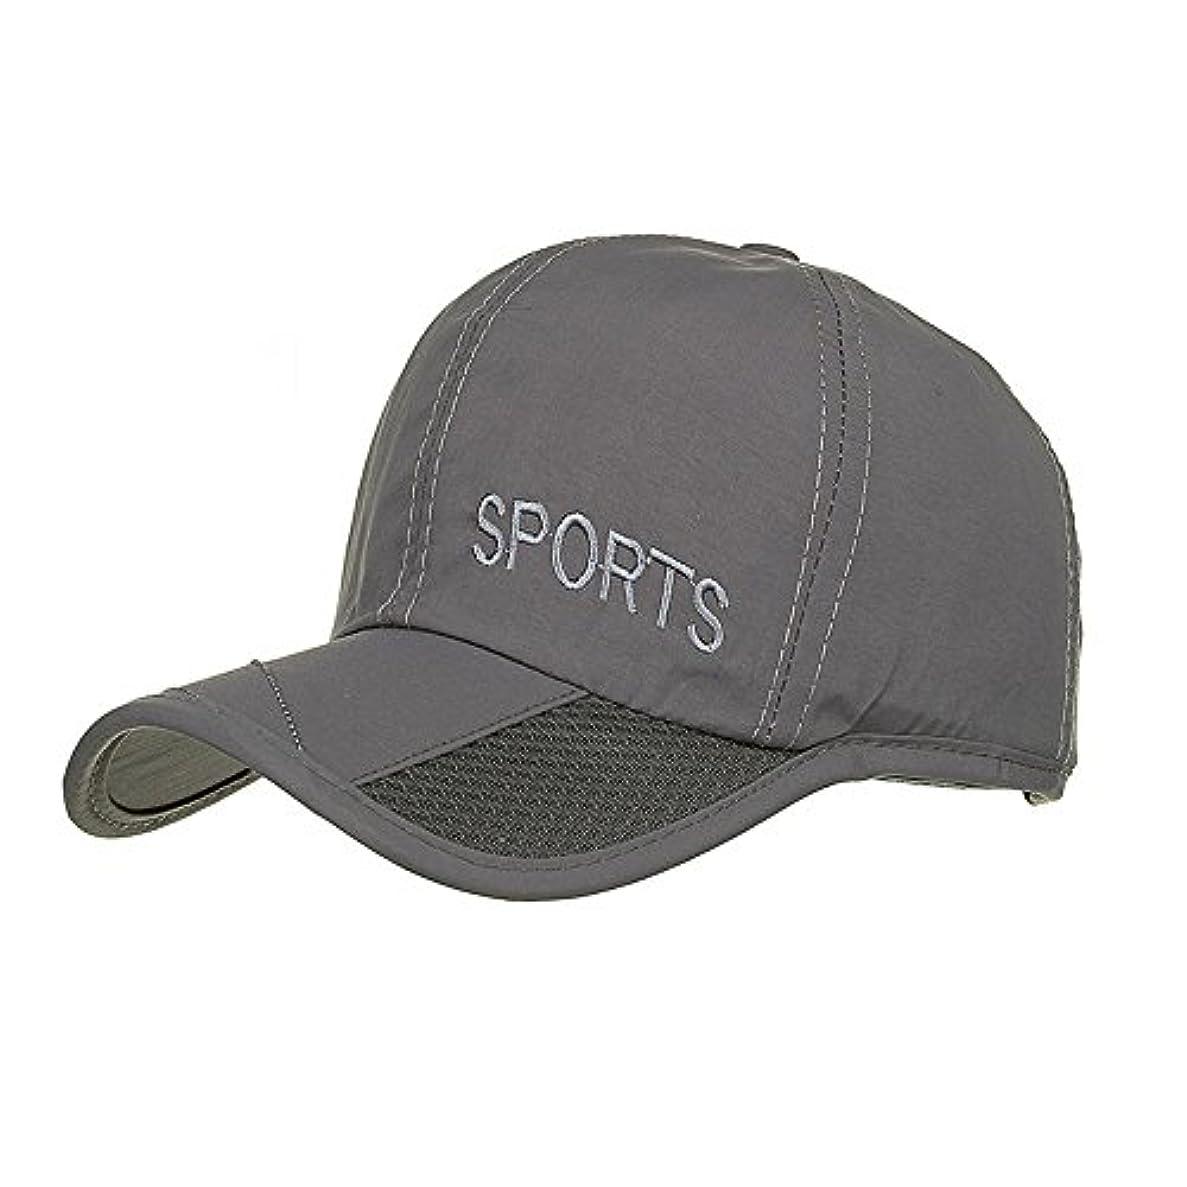 ディベートテロリストトラックRacazing Cap 男女兼用 野球帽 夏 登山 通気性のある メッシュ 帽子 ベルクロ 可調整可能 刺繍 棒球帽 UV 帽子 軽量 屋外 Unisex Hat (グレー)